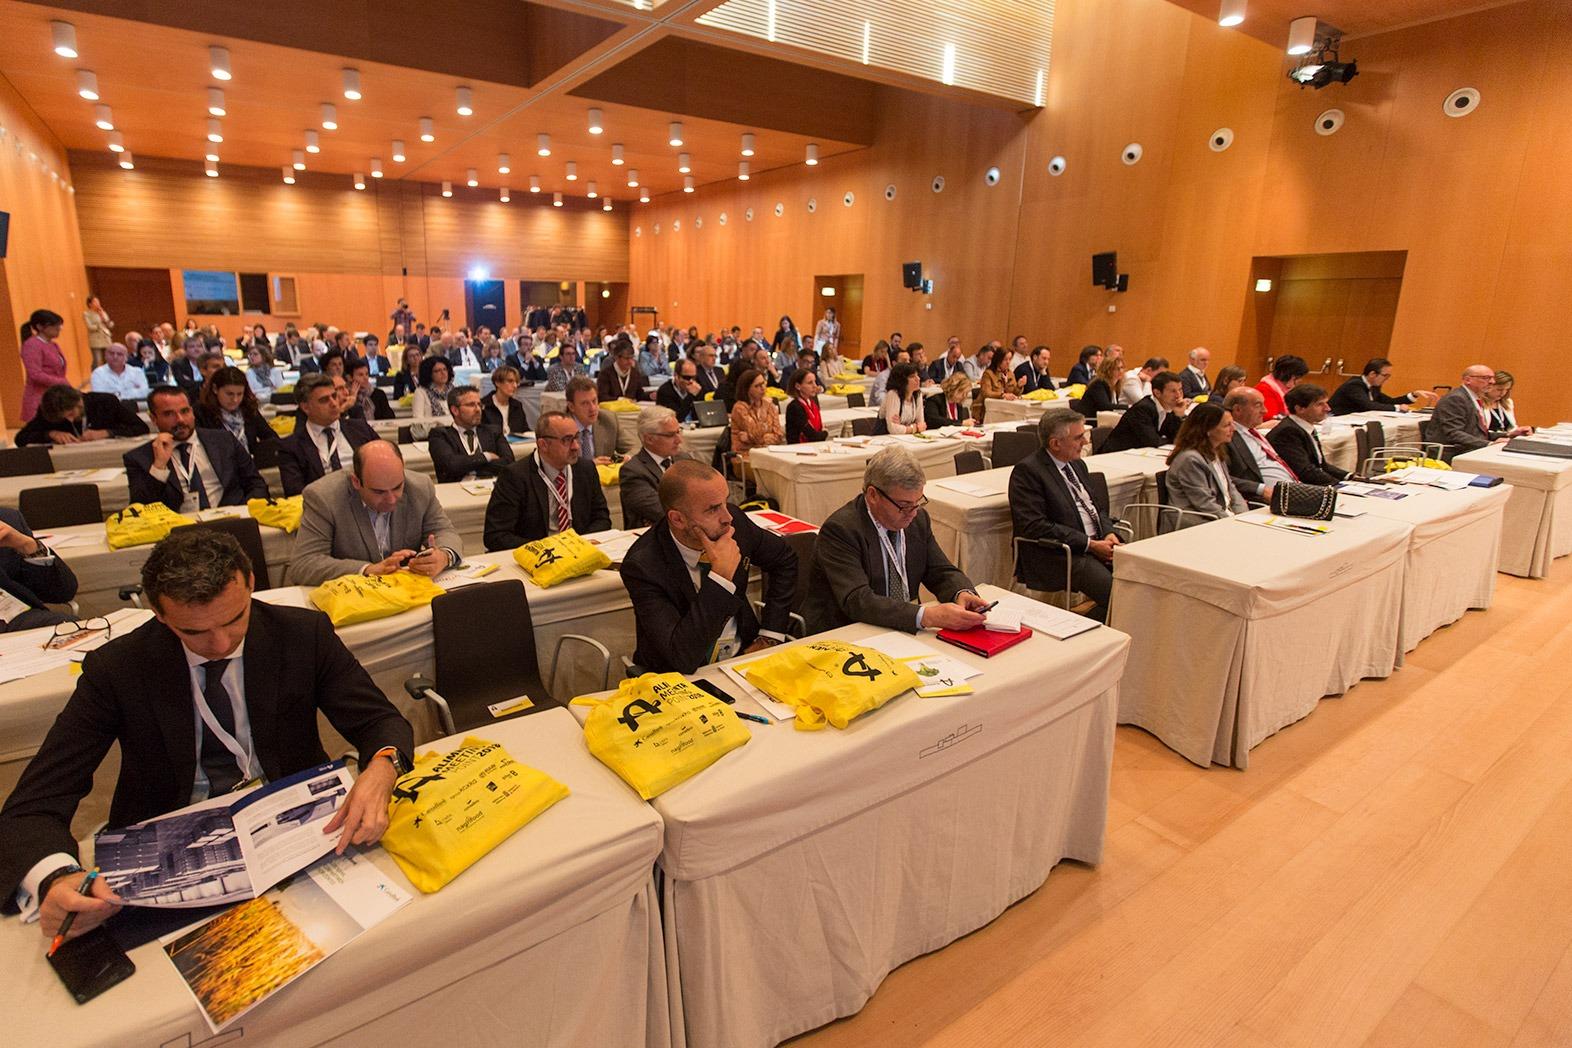 Profesionales del sector agroalimentario, en el inicio del congreso Alimenta Meeting Point en Baluarte.